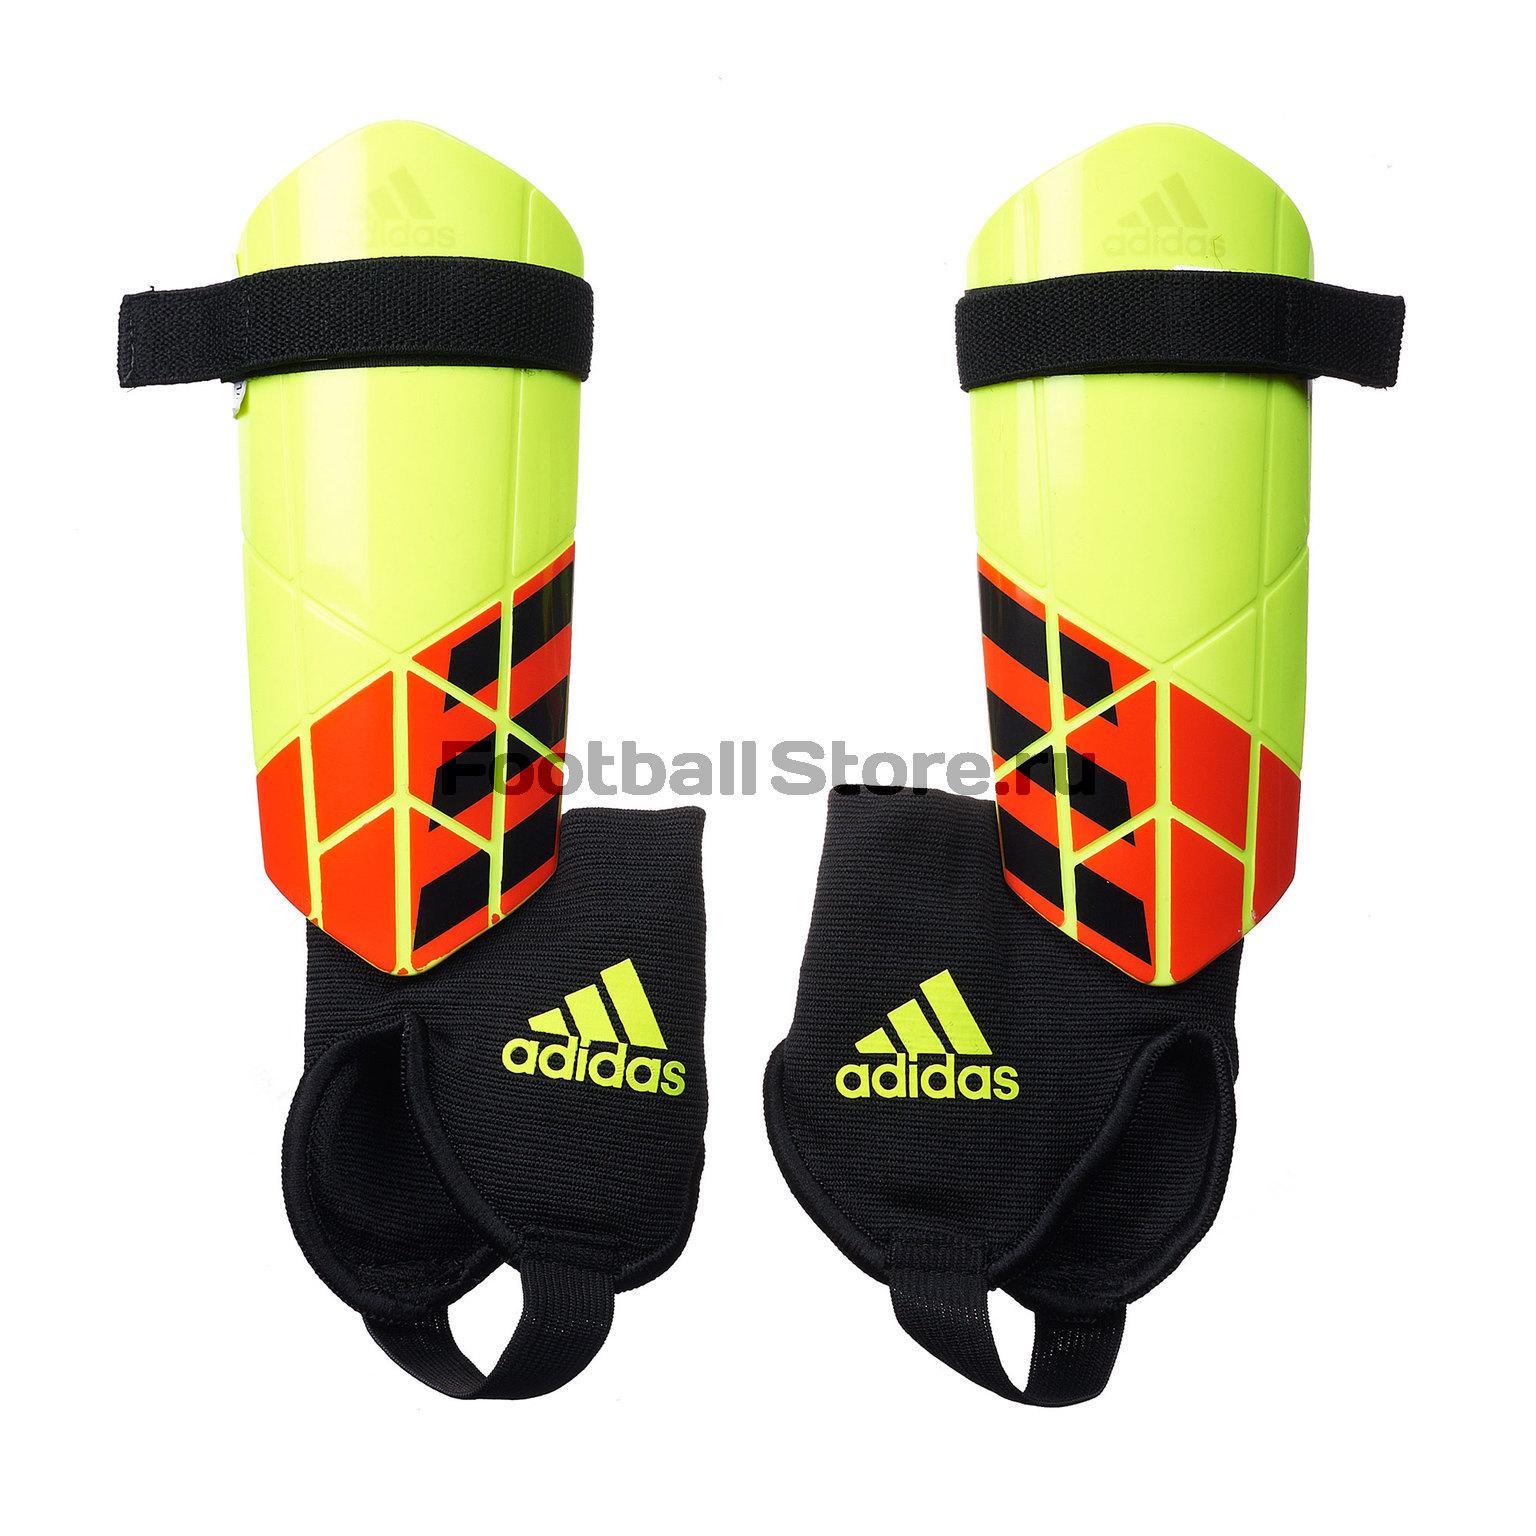 Щитки футбольные детские Adidas X CW9721 щитки футбольные umbro veloce slip 20813u exv р m